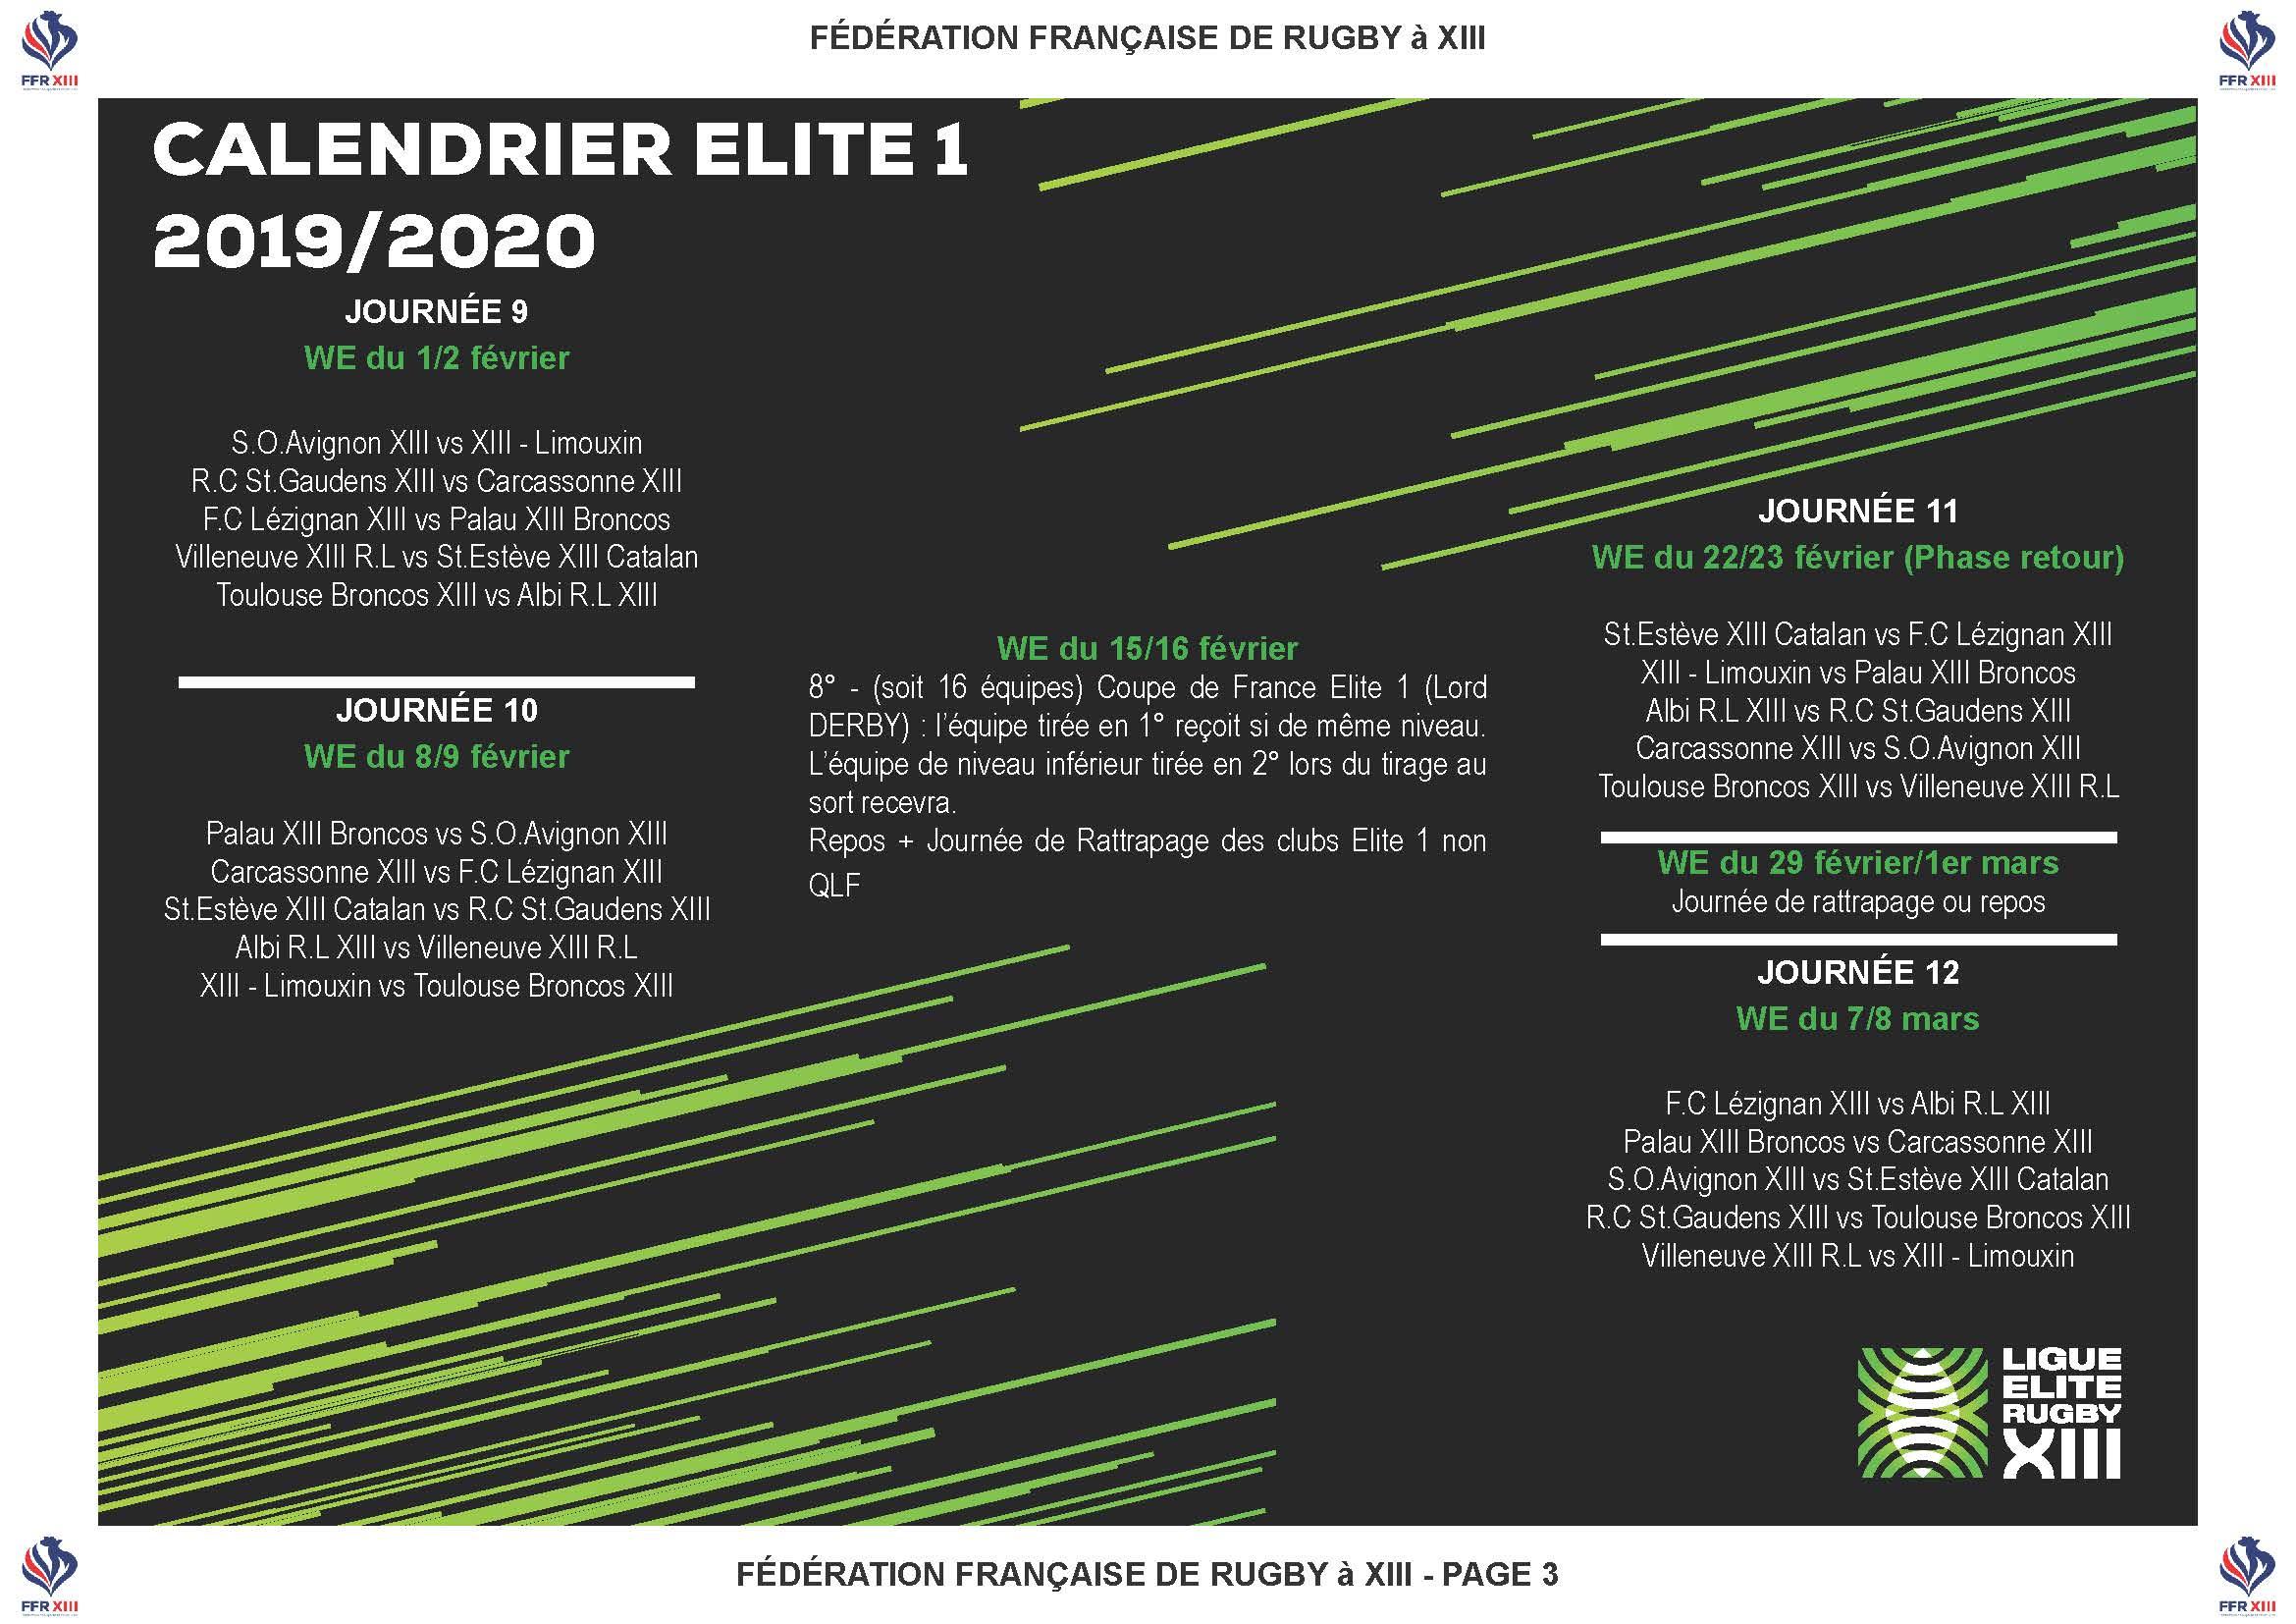 Calendrier Universitaire Toulouse 2.Calendrier 2019 2020 Pour L Elite 1 La Revanche Pour